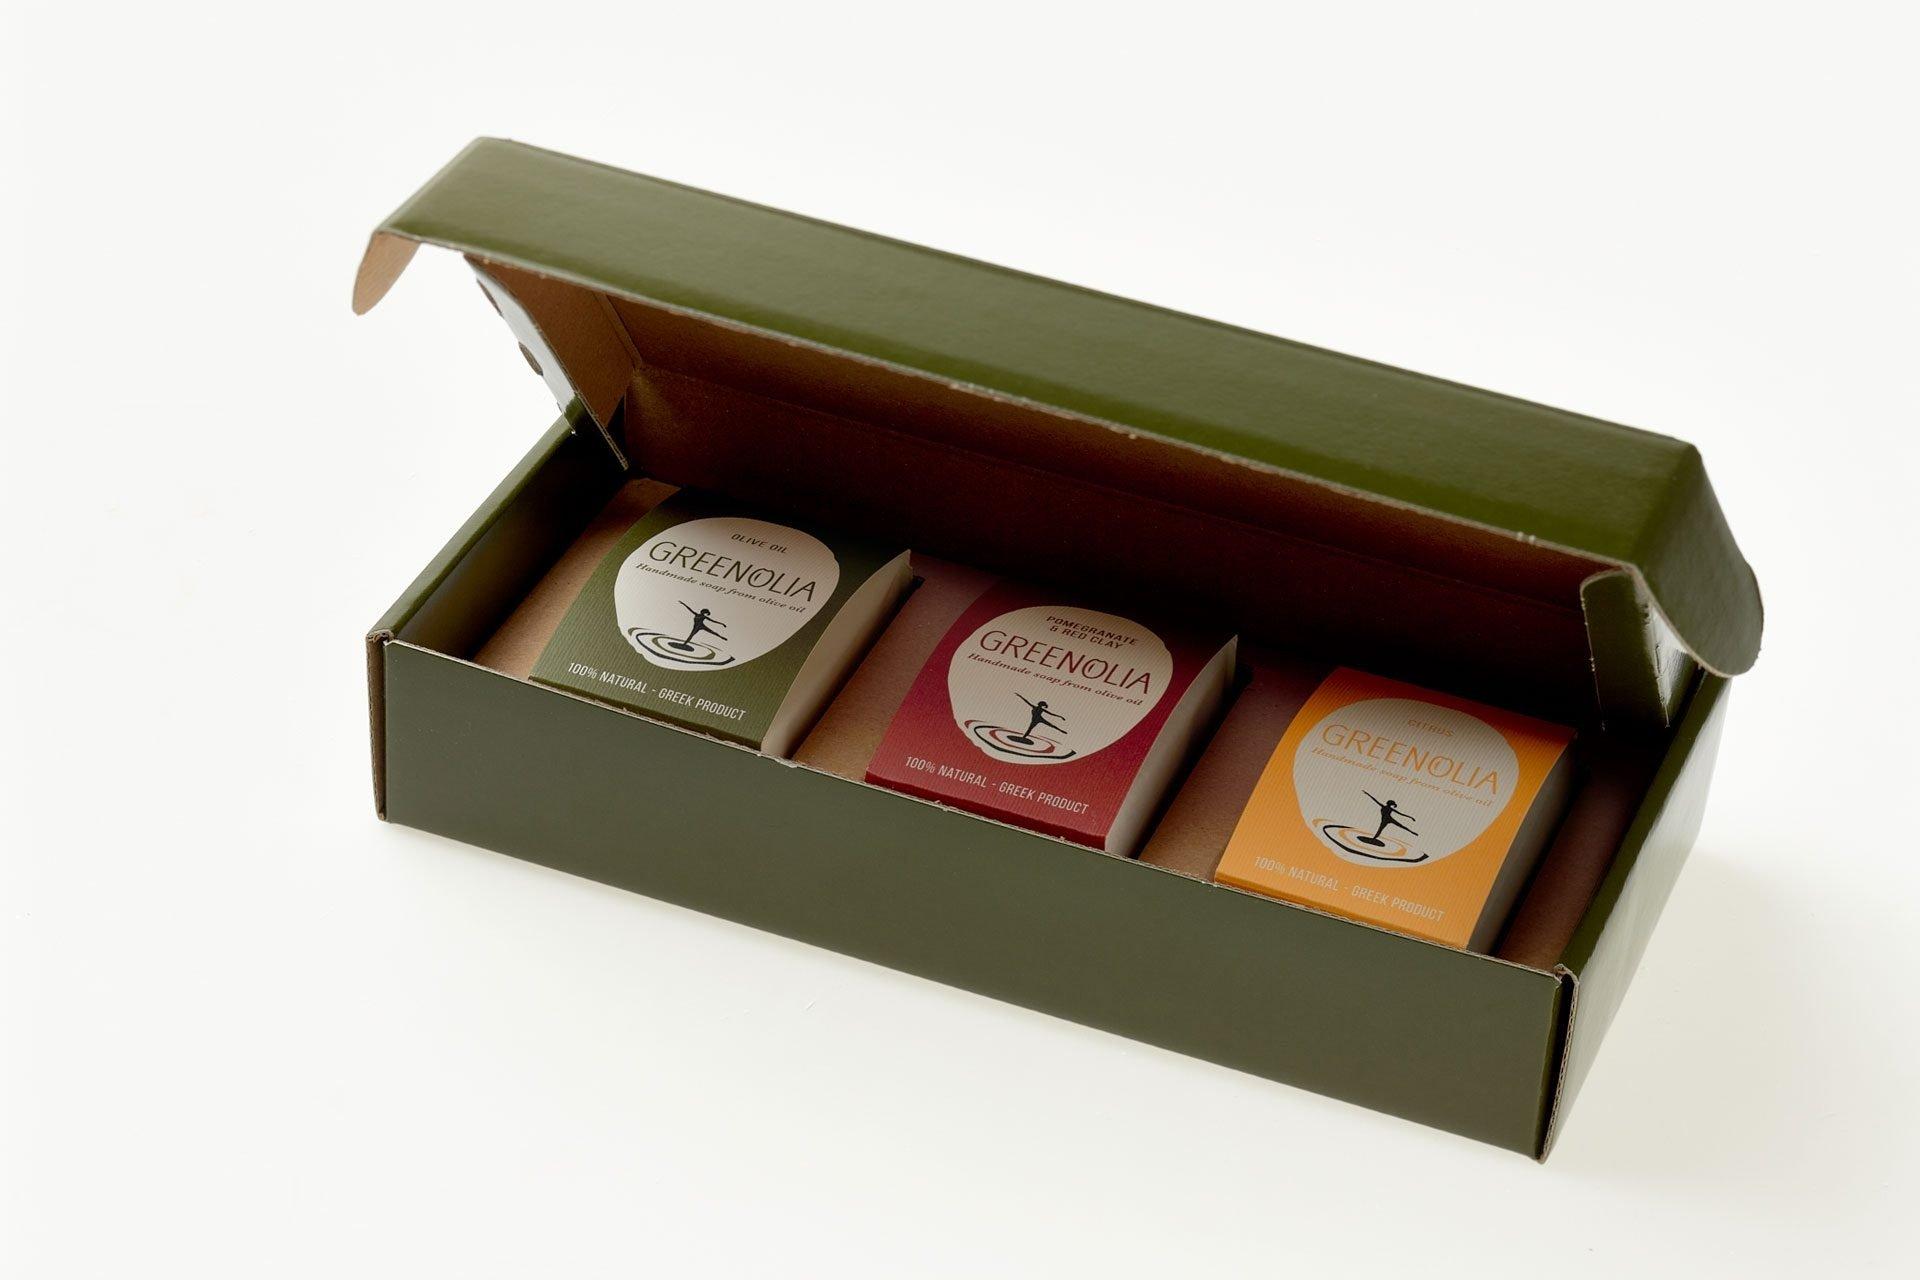 Χειροποίητα Σαπούνια 100g Greenolia - Κουτί Δώρου - Greenolia